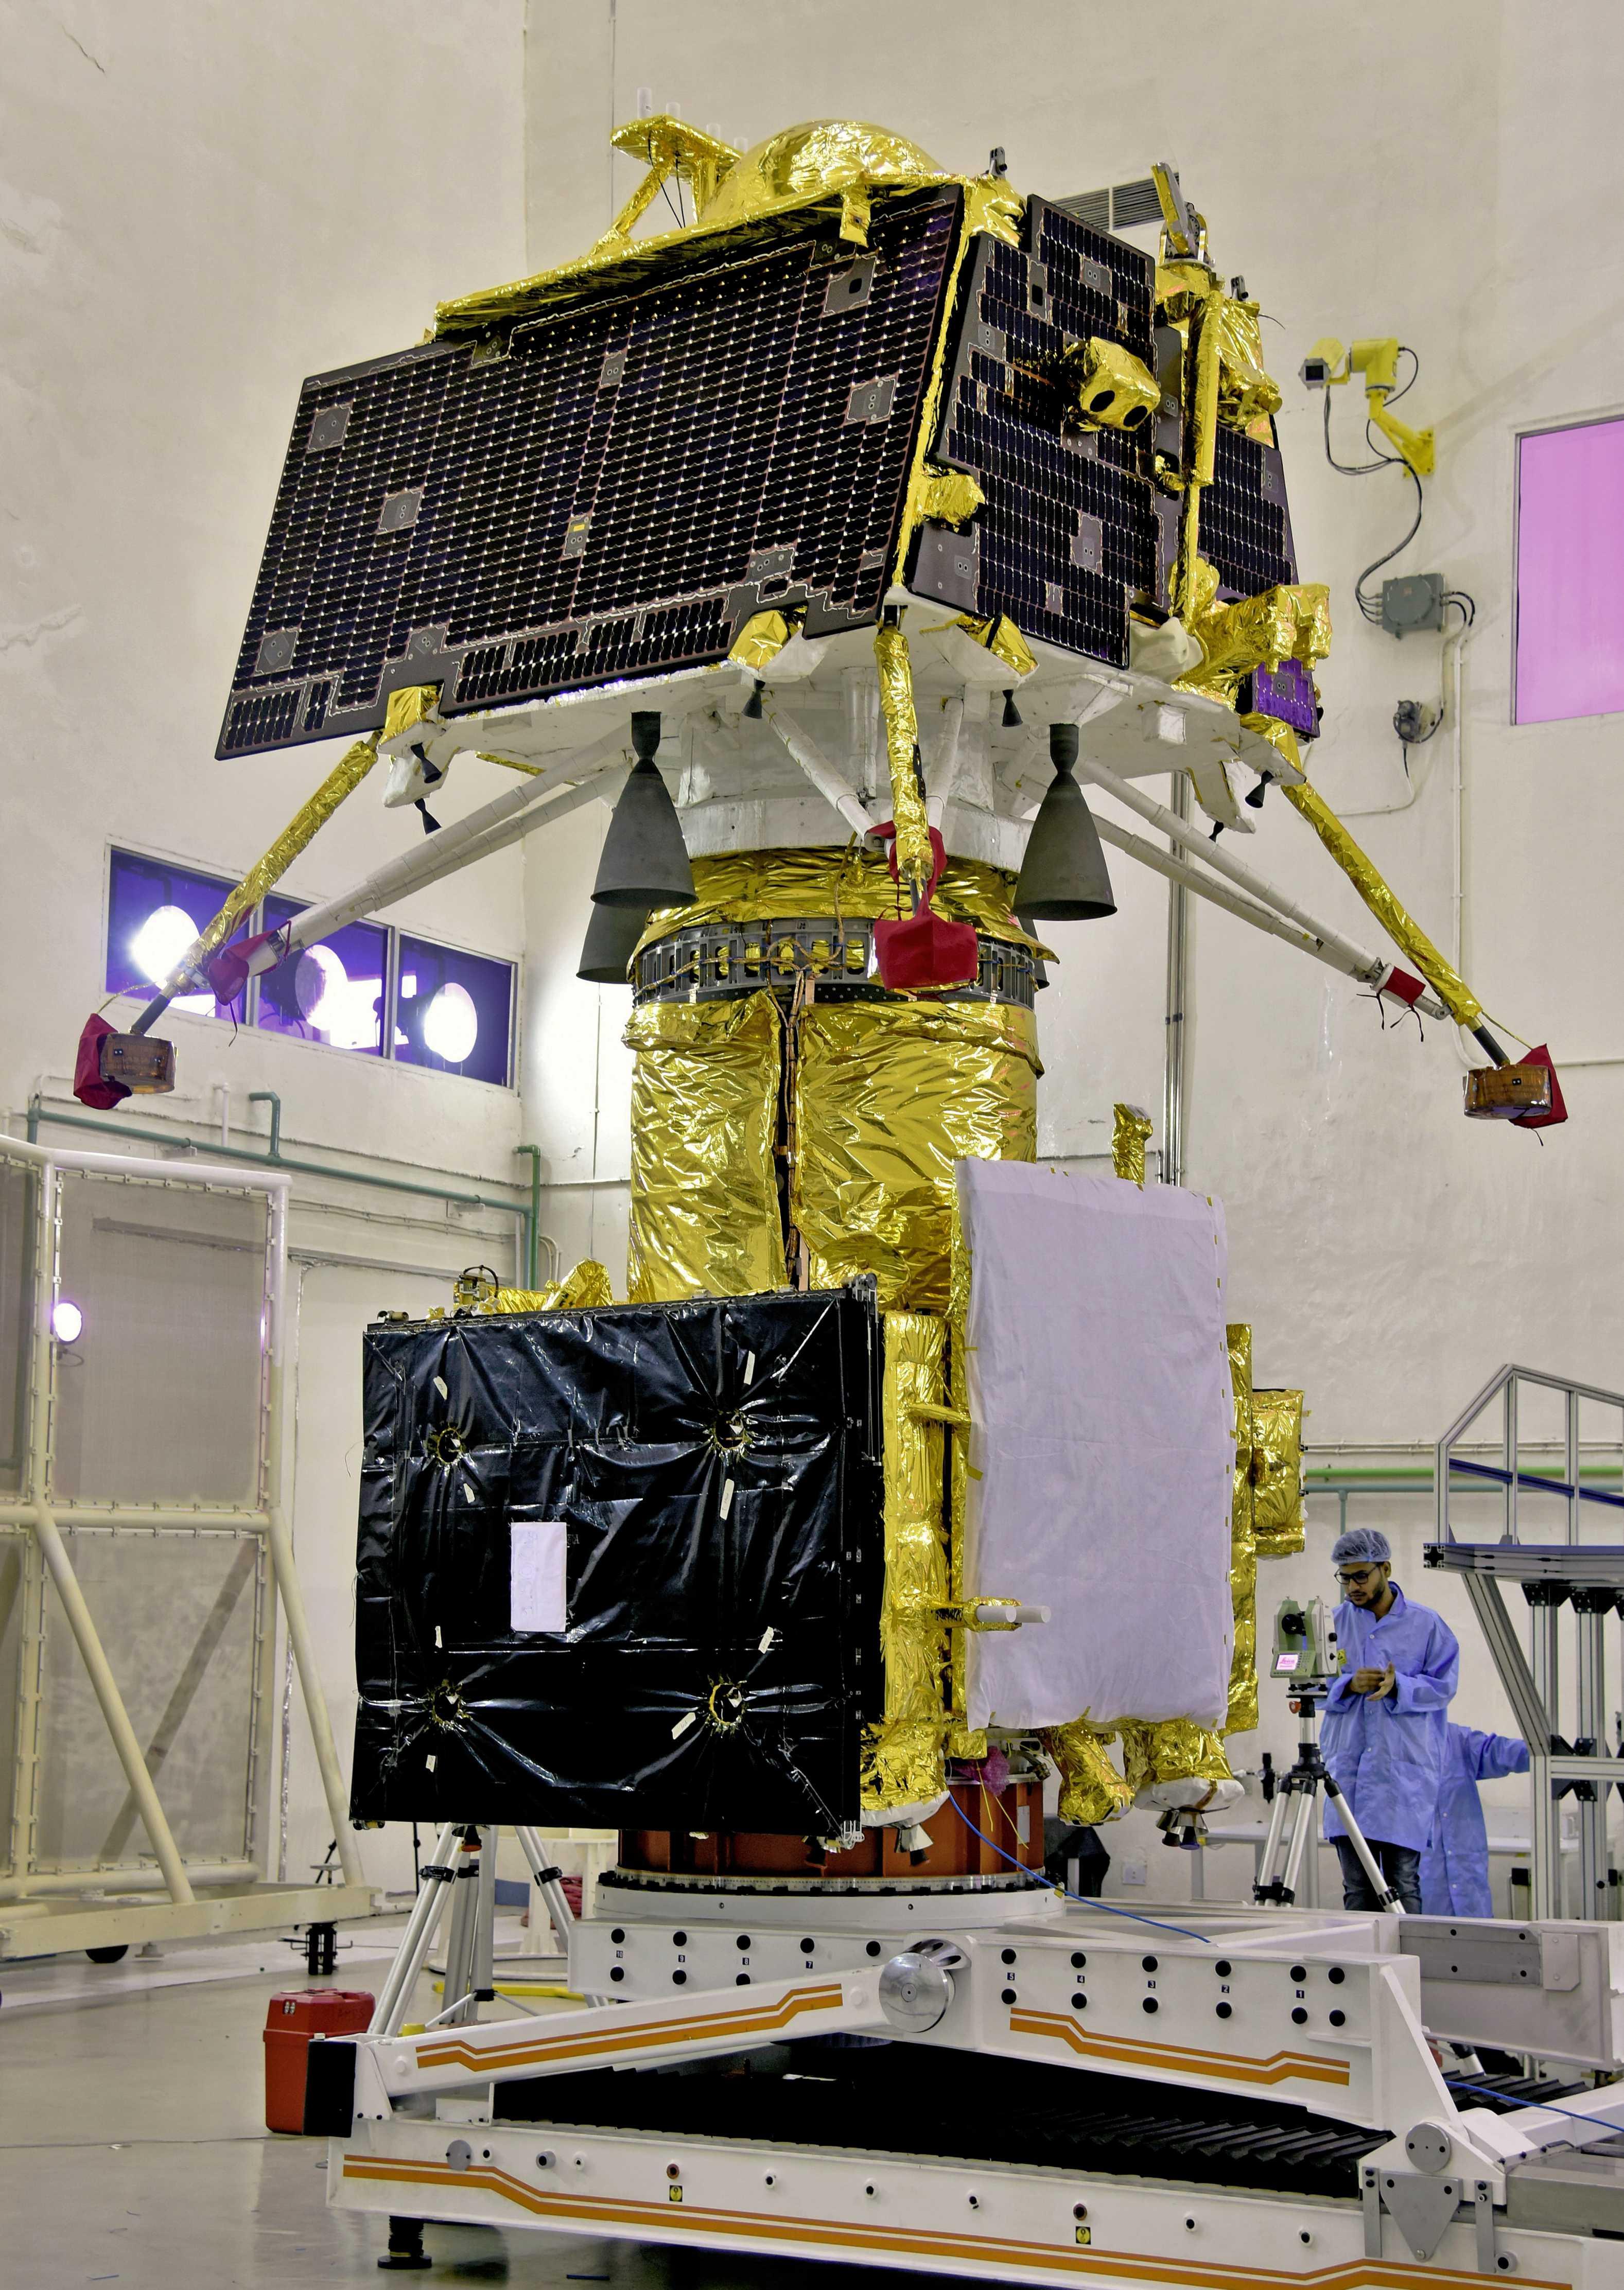 Chandrayaan-2 orbiter and lander (ISRO) 1 (c)